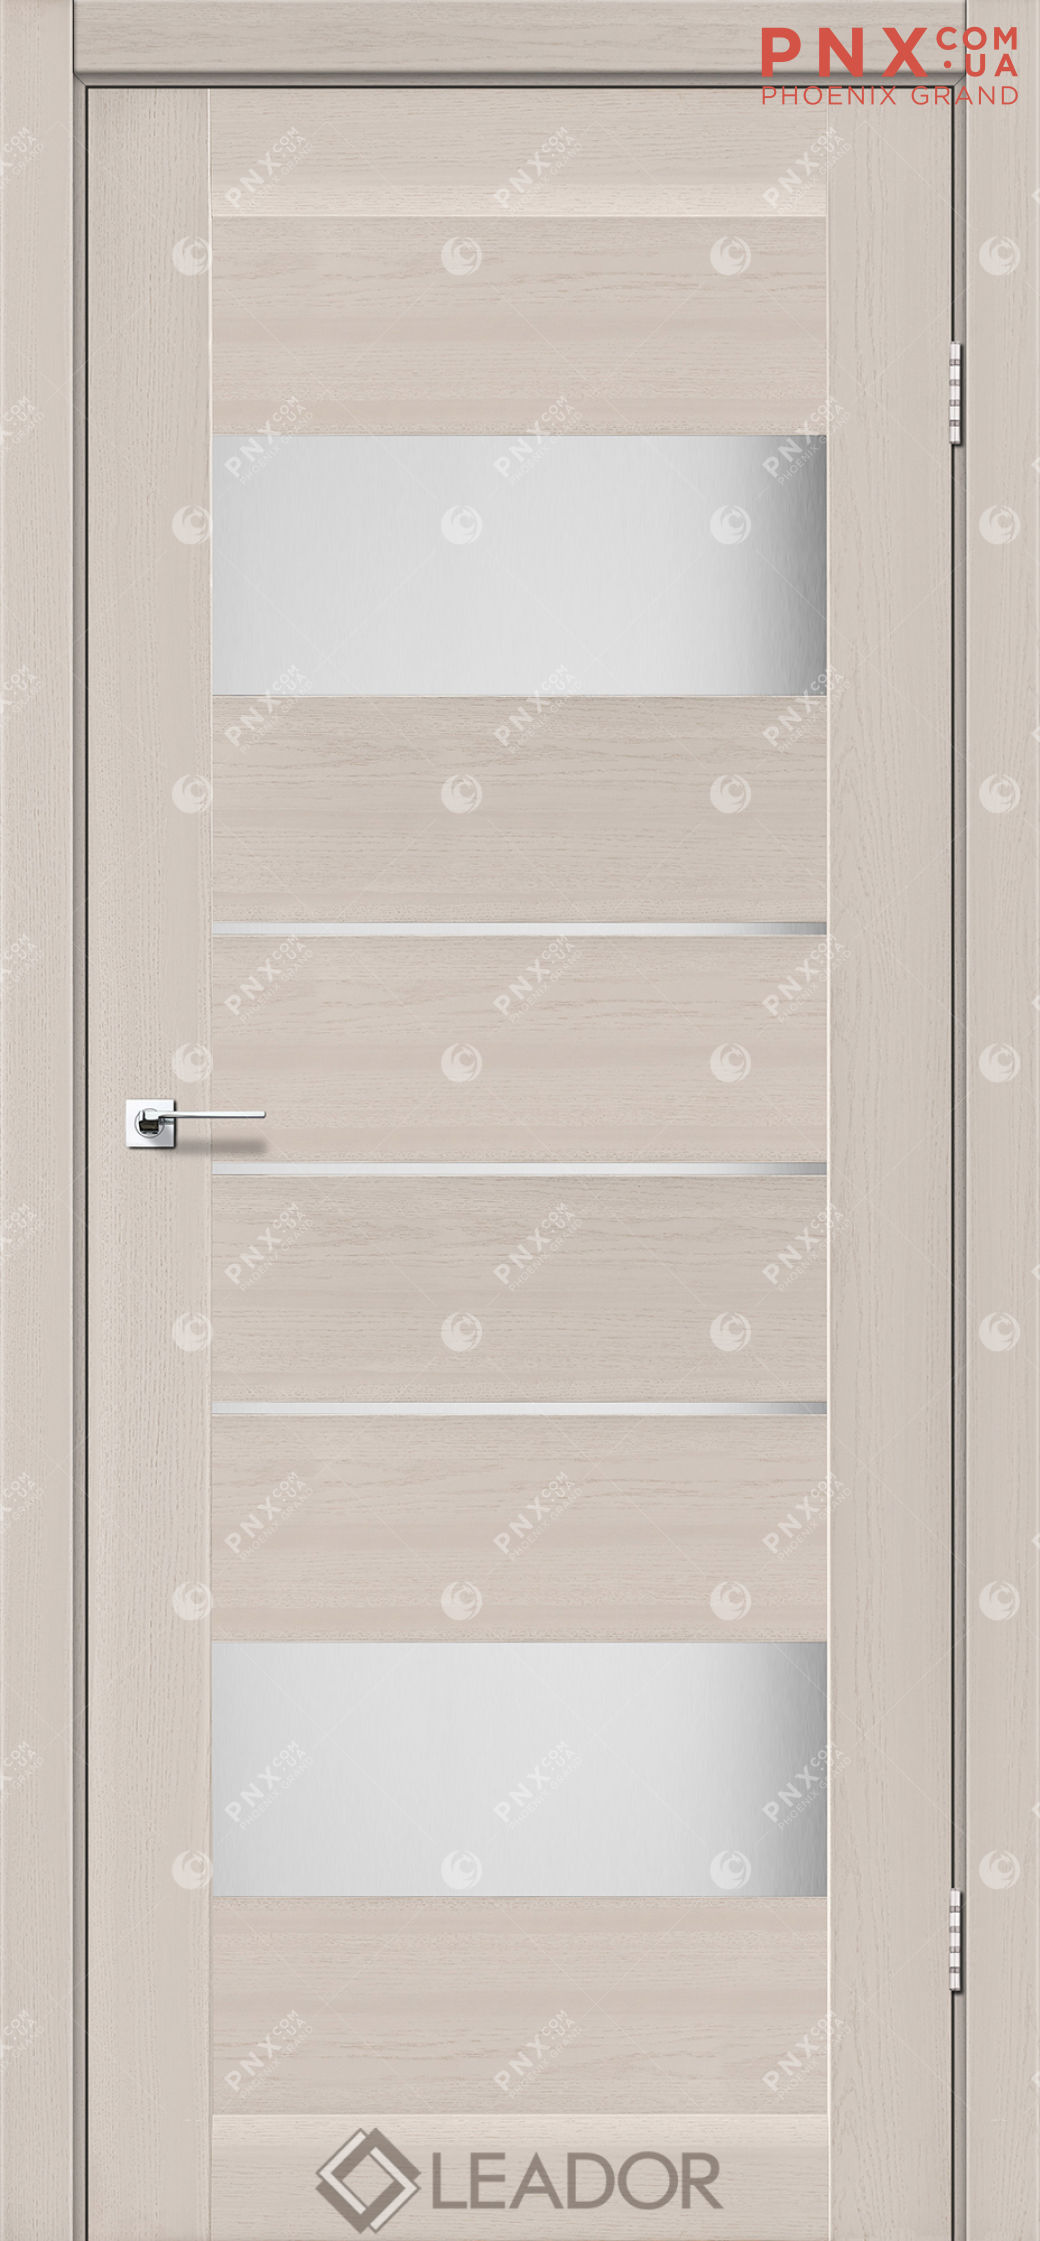 Межкомнатная дверь LEADOR Arona, Дуб Латте, Белое стекло сатин